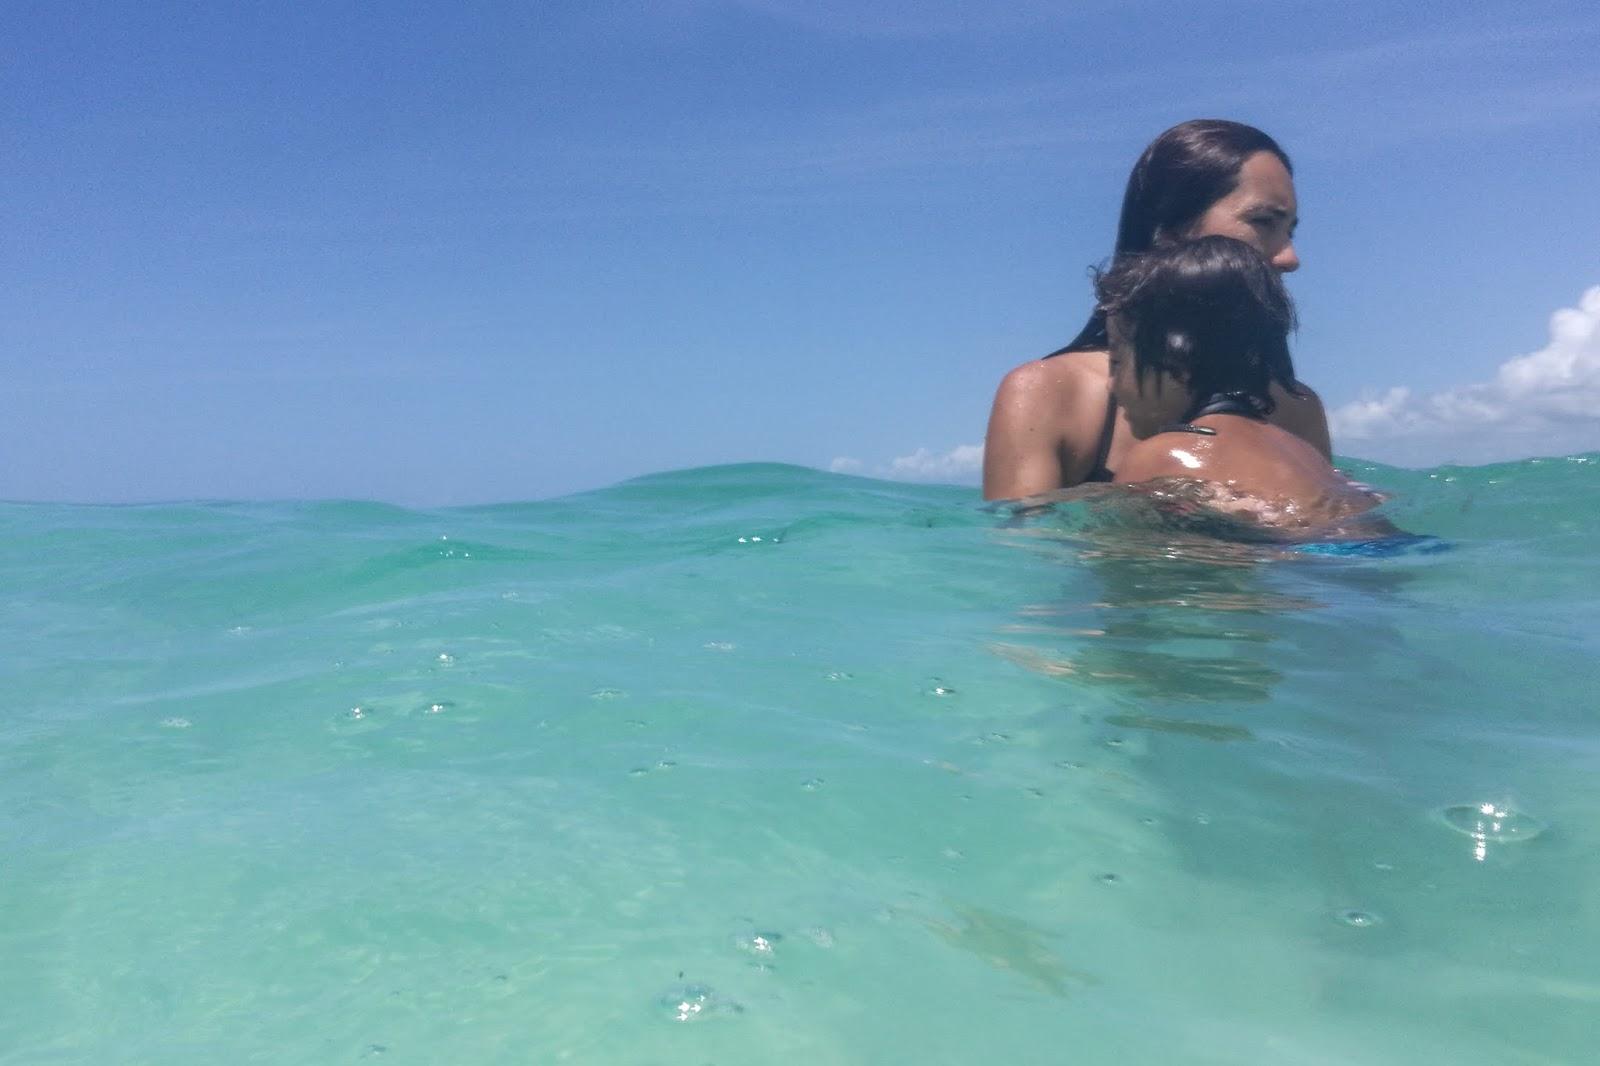 CATALINA ISLAND DOMINICAN REPUBLIC